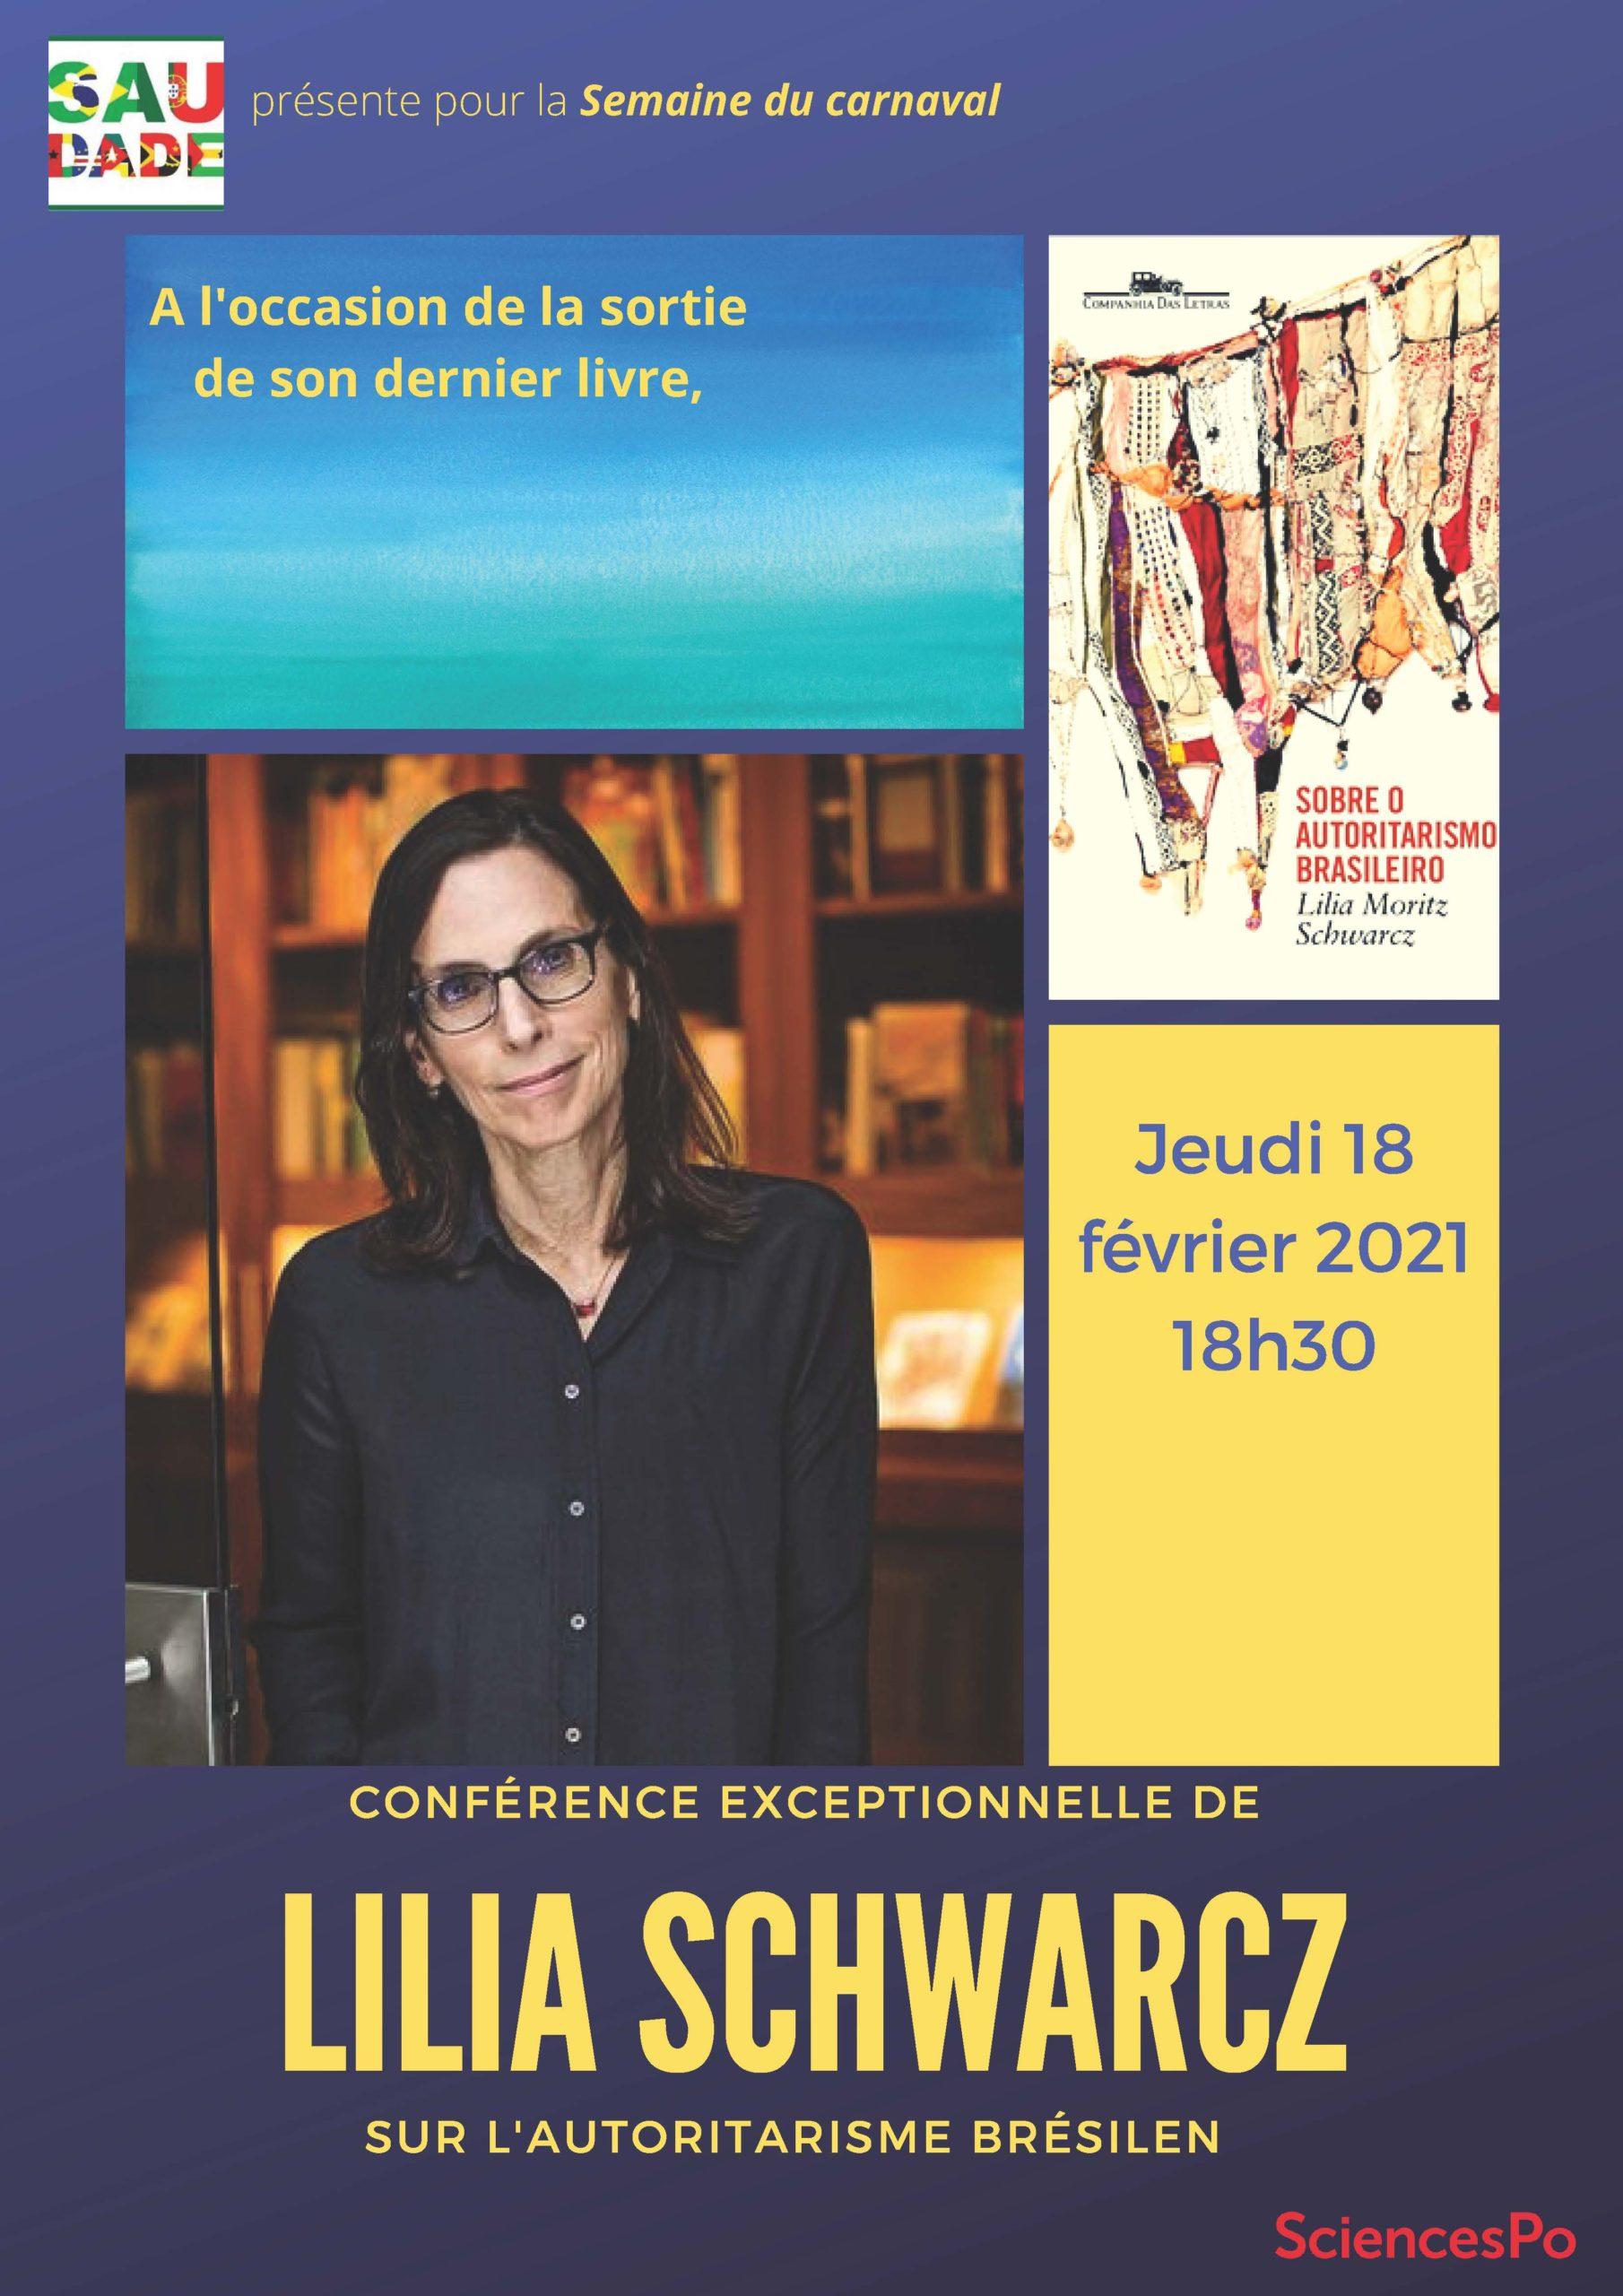 Conférence de LILIA SCHWARCZ SUR L'AUTORITARISME BRÉSILEN